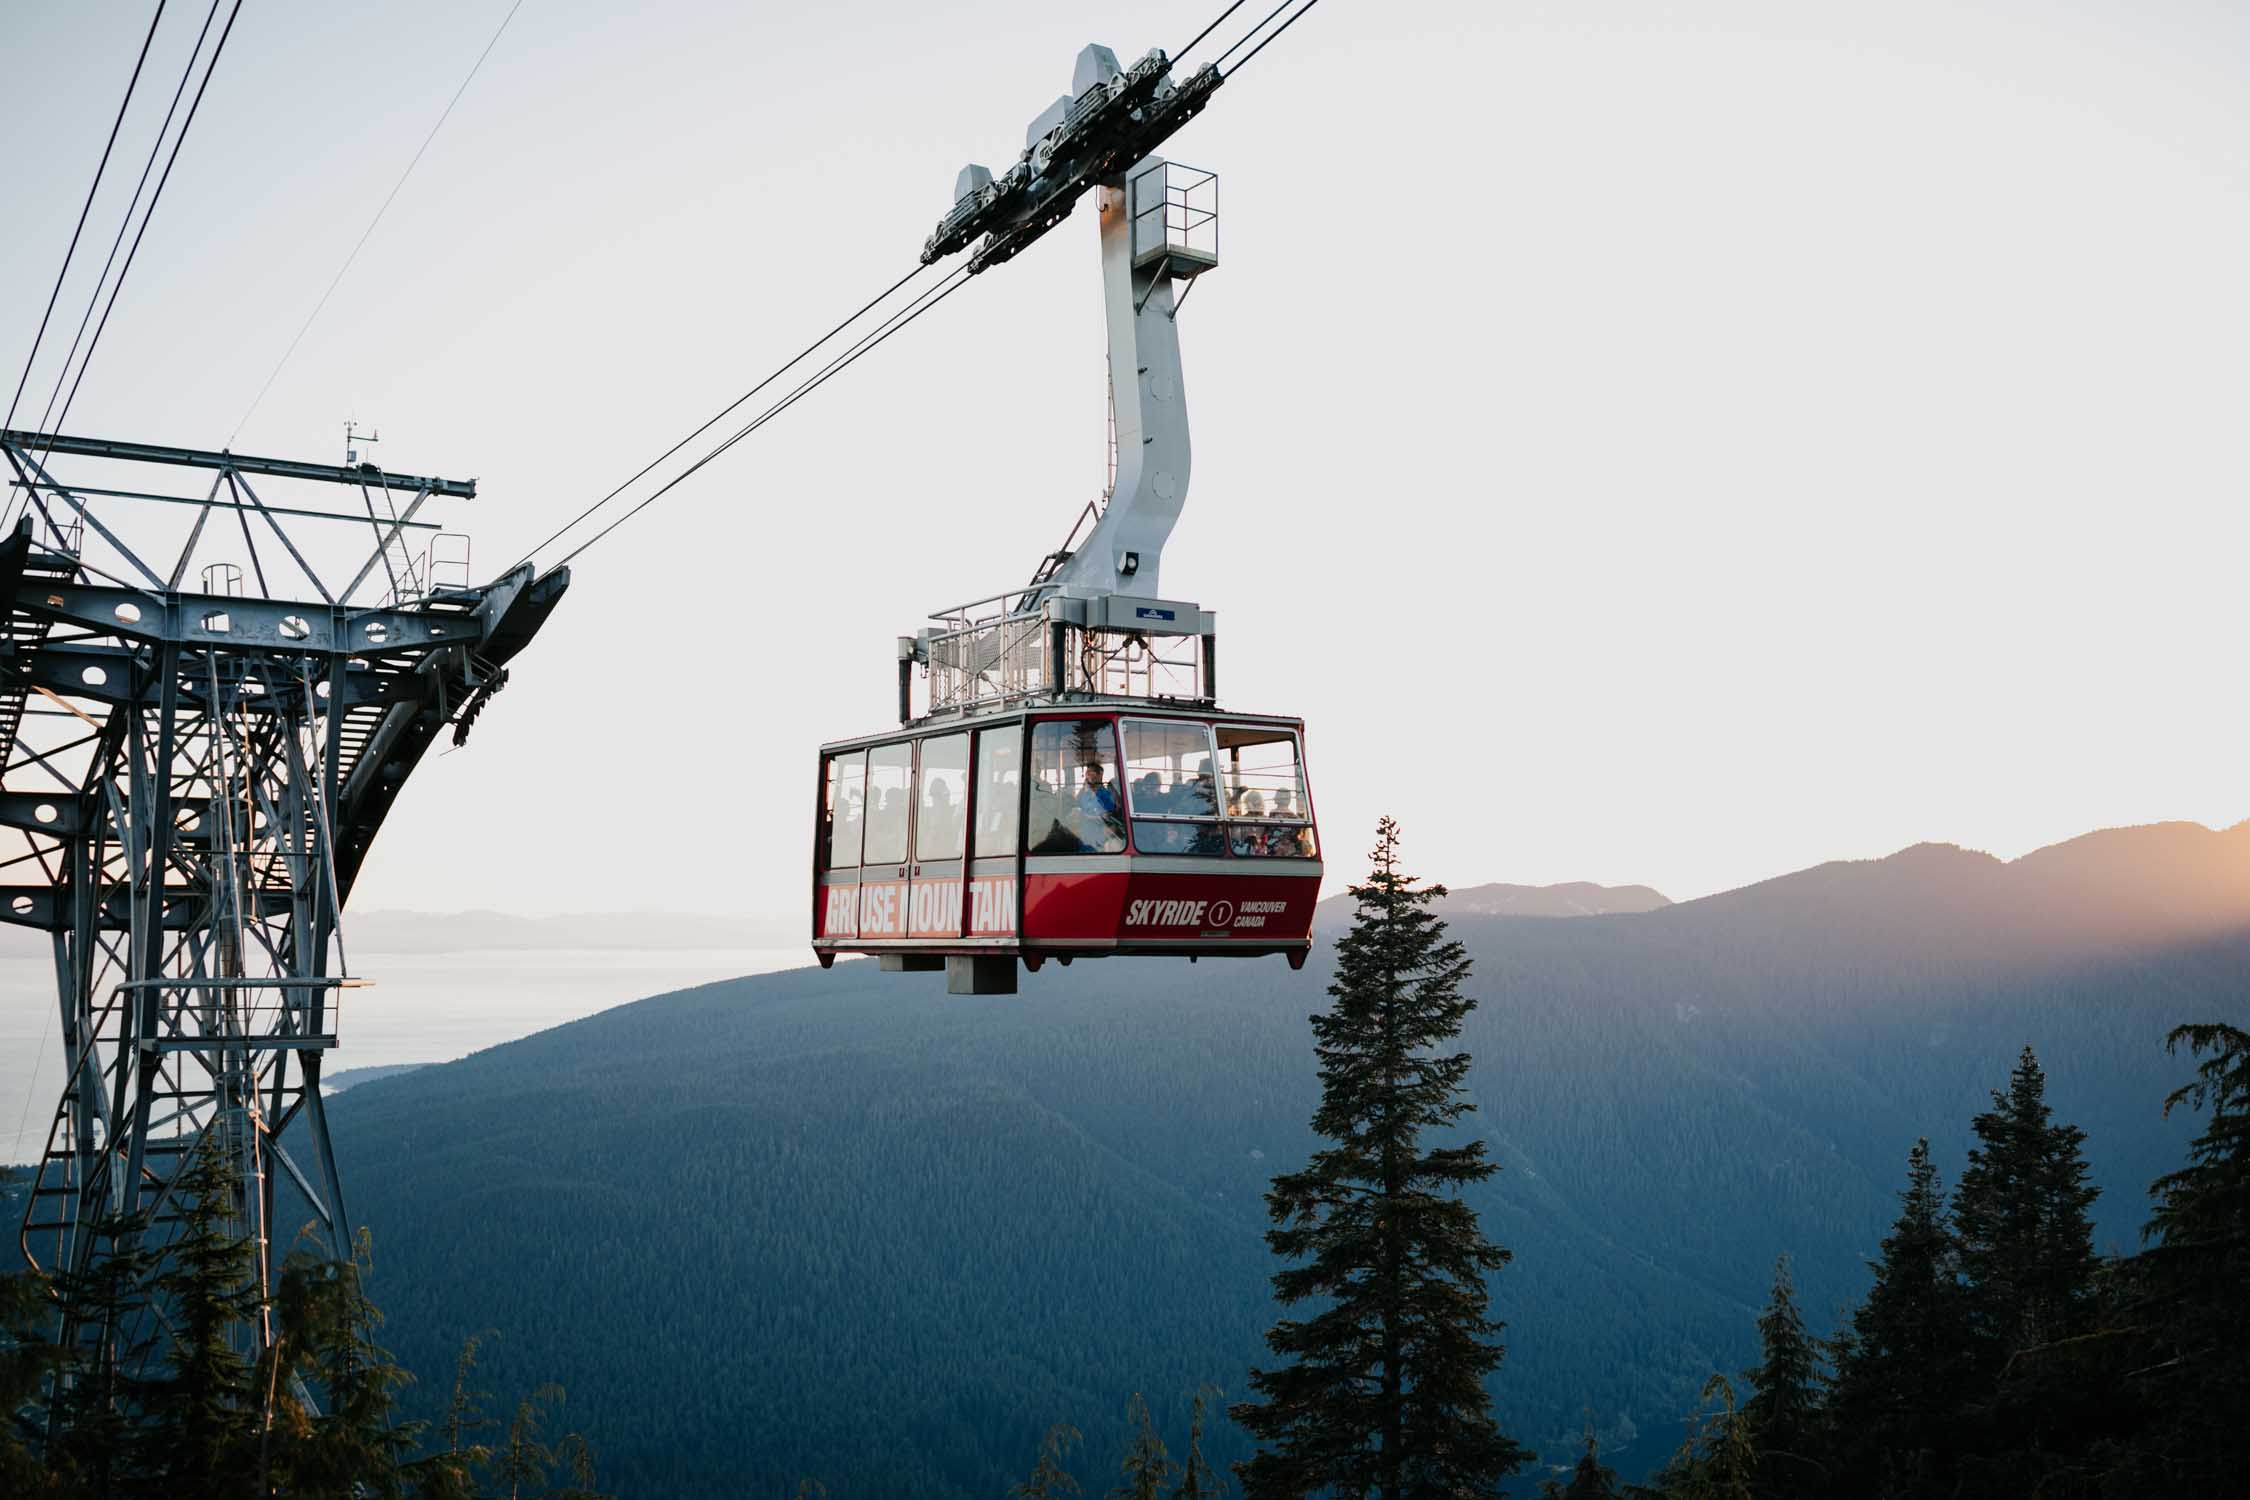 Gondola Grouse Mountain Wedding Venue